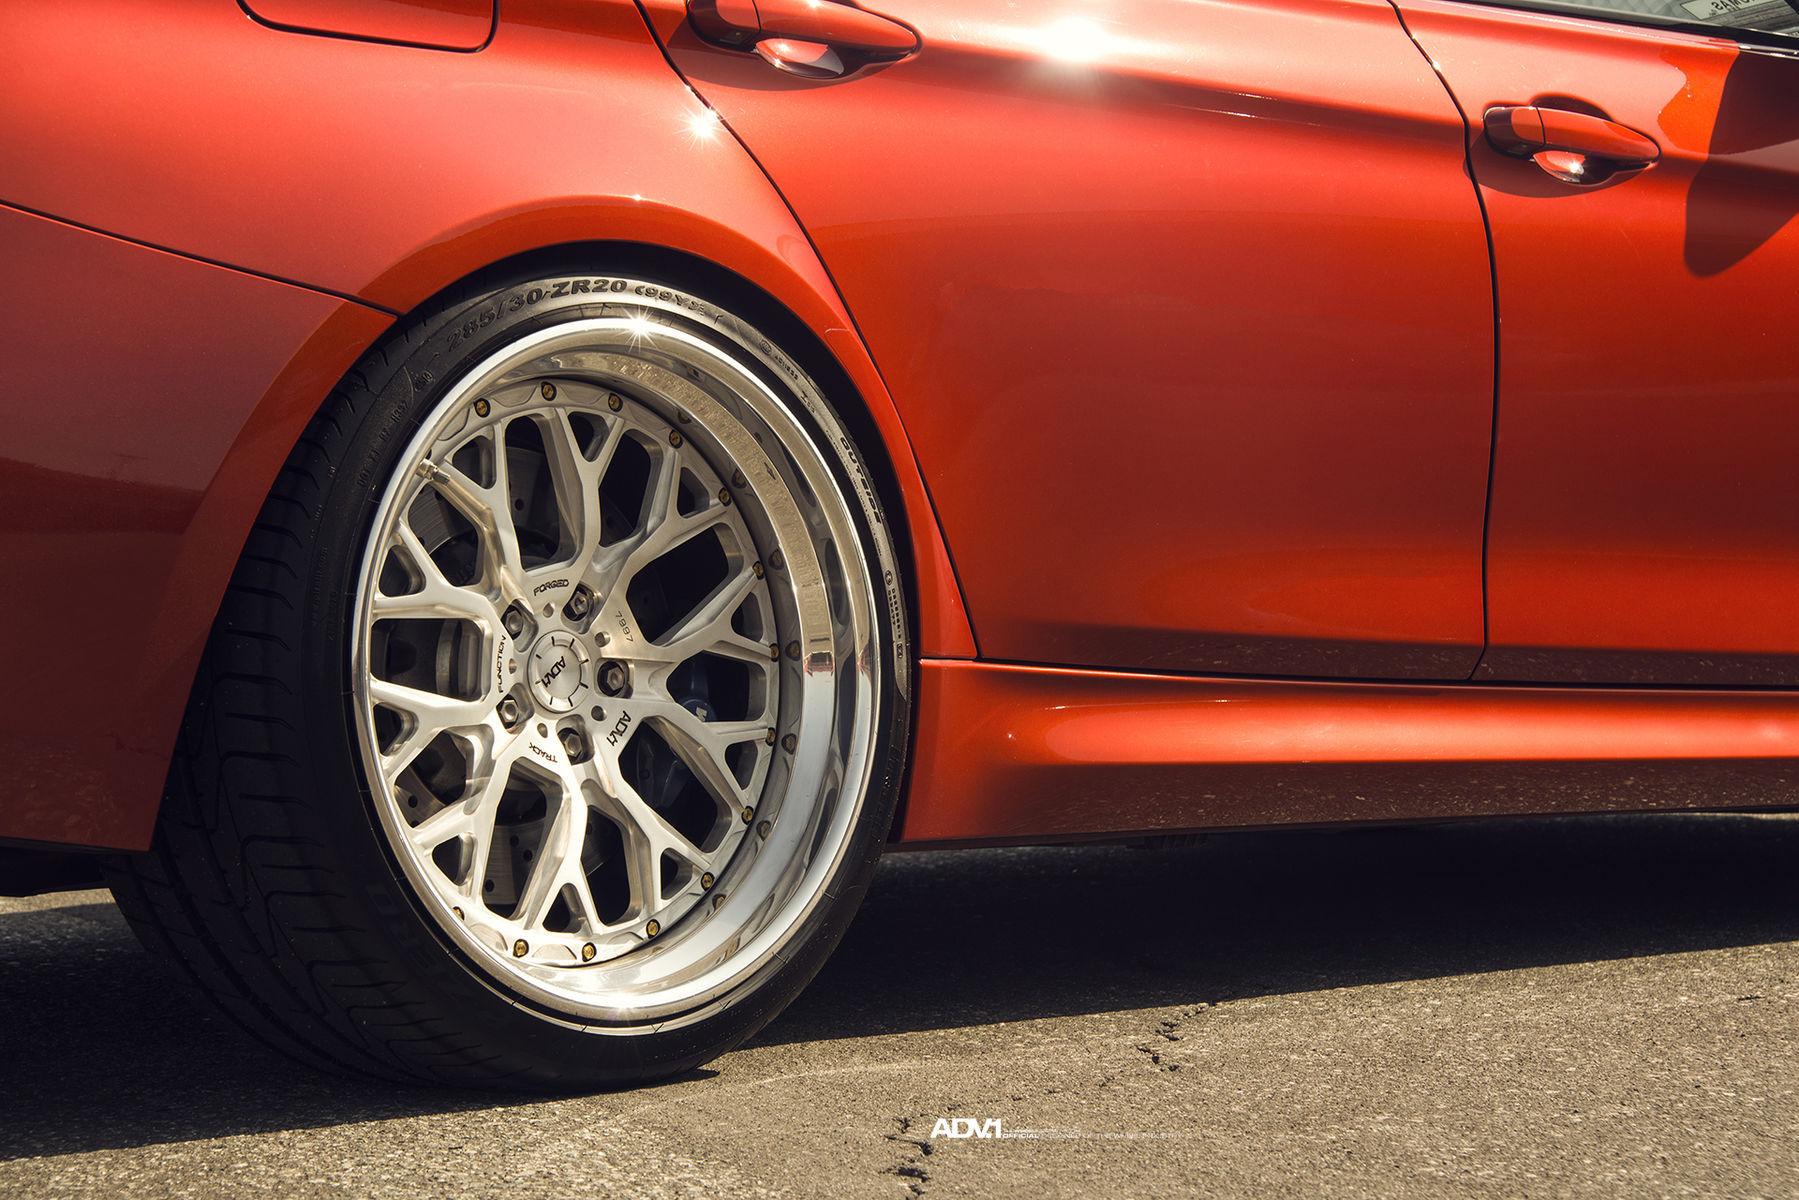 BMW M3 | ADV.1 BMW F80 M3